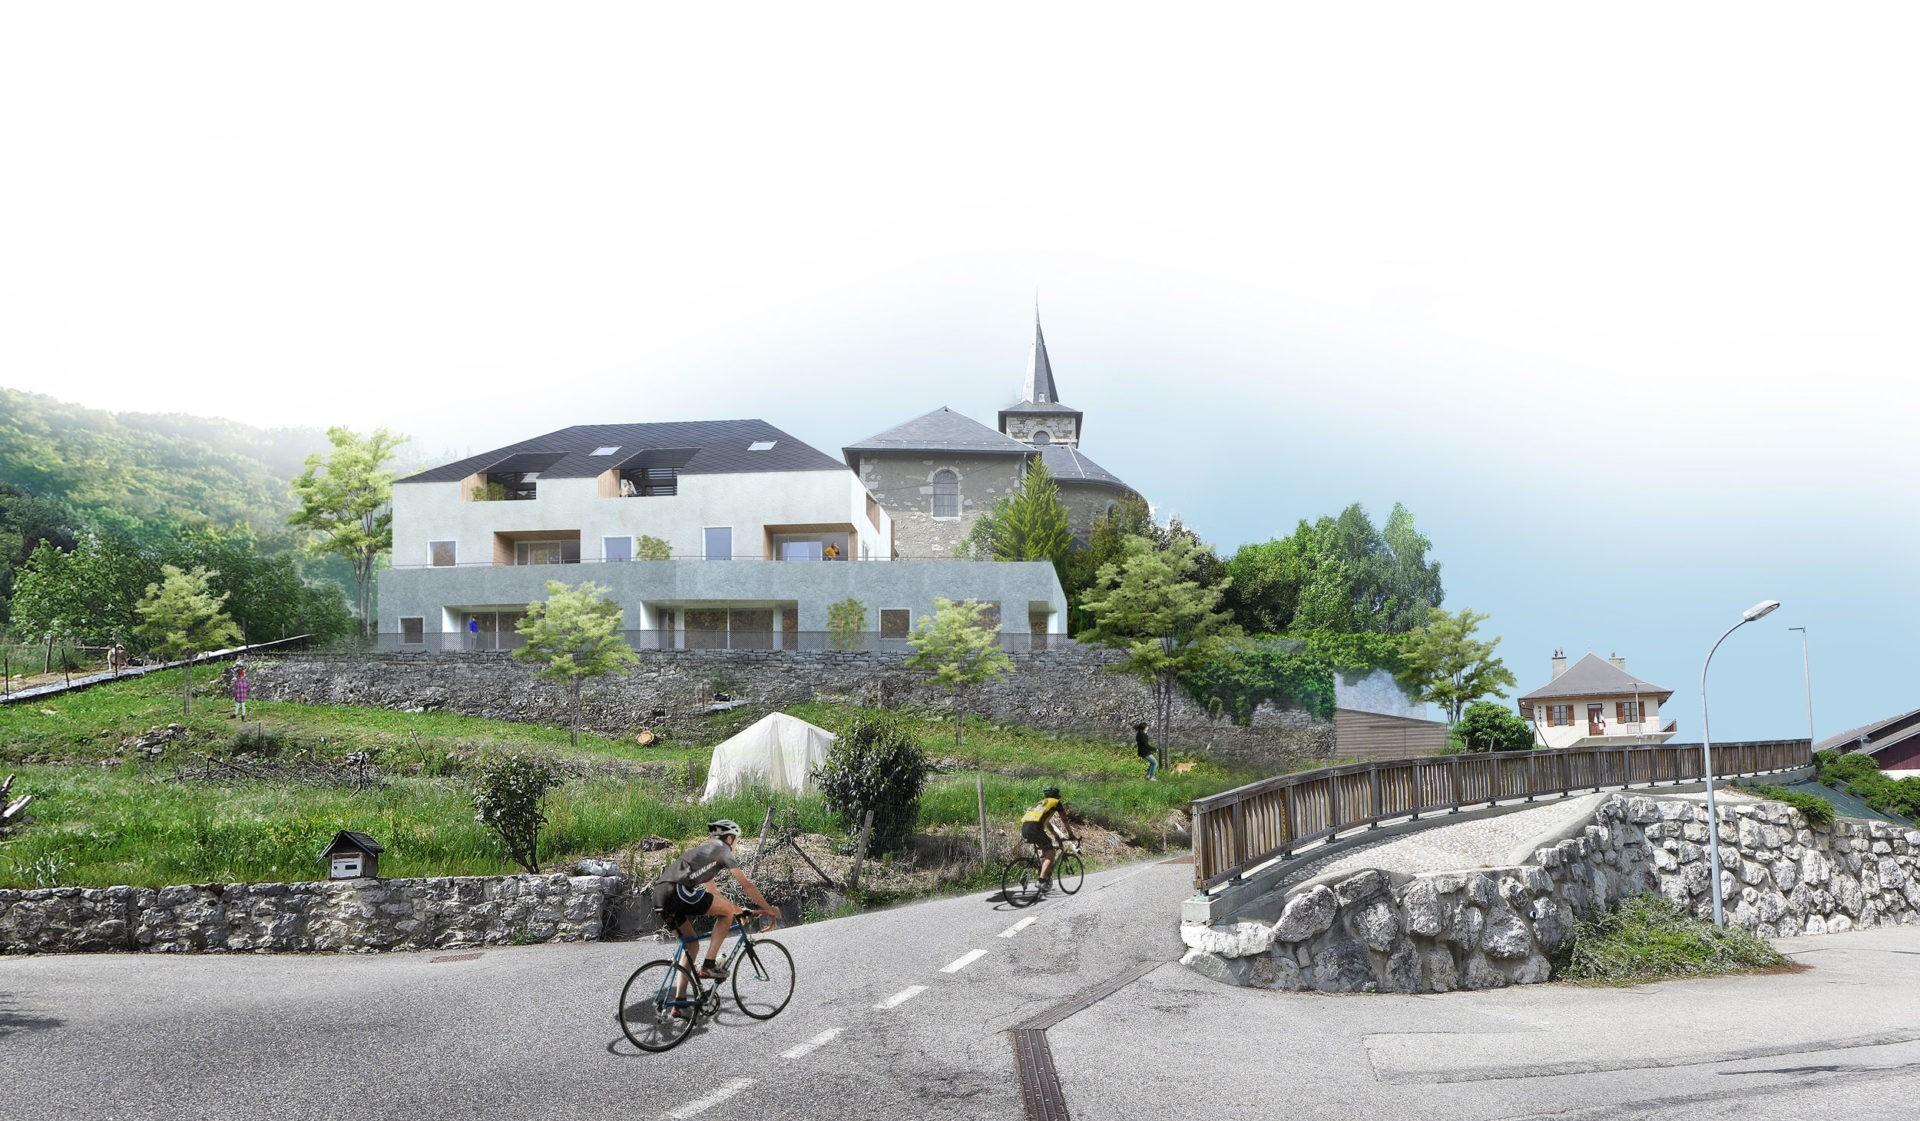 concours-saint-sulpice-savoie-logements-chef-lieu-habitat-dans-la-pente